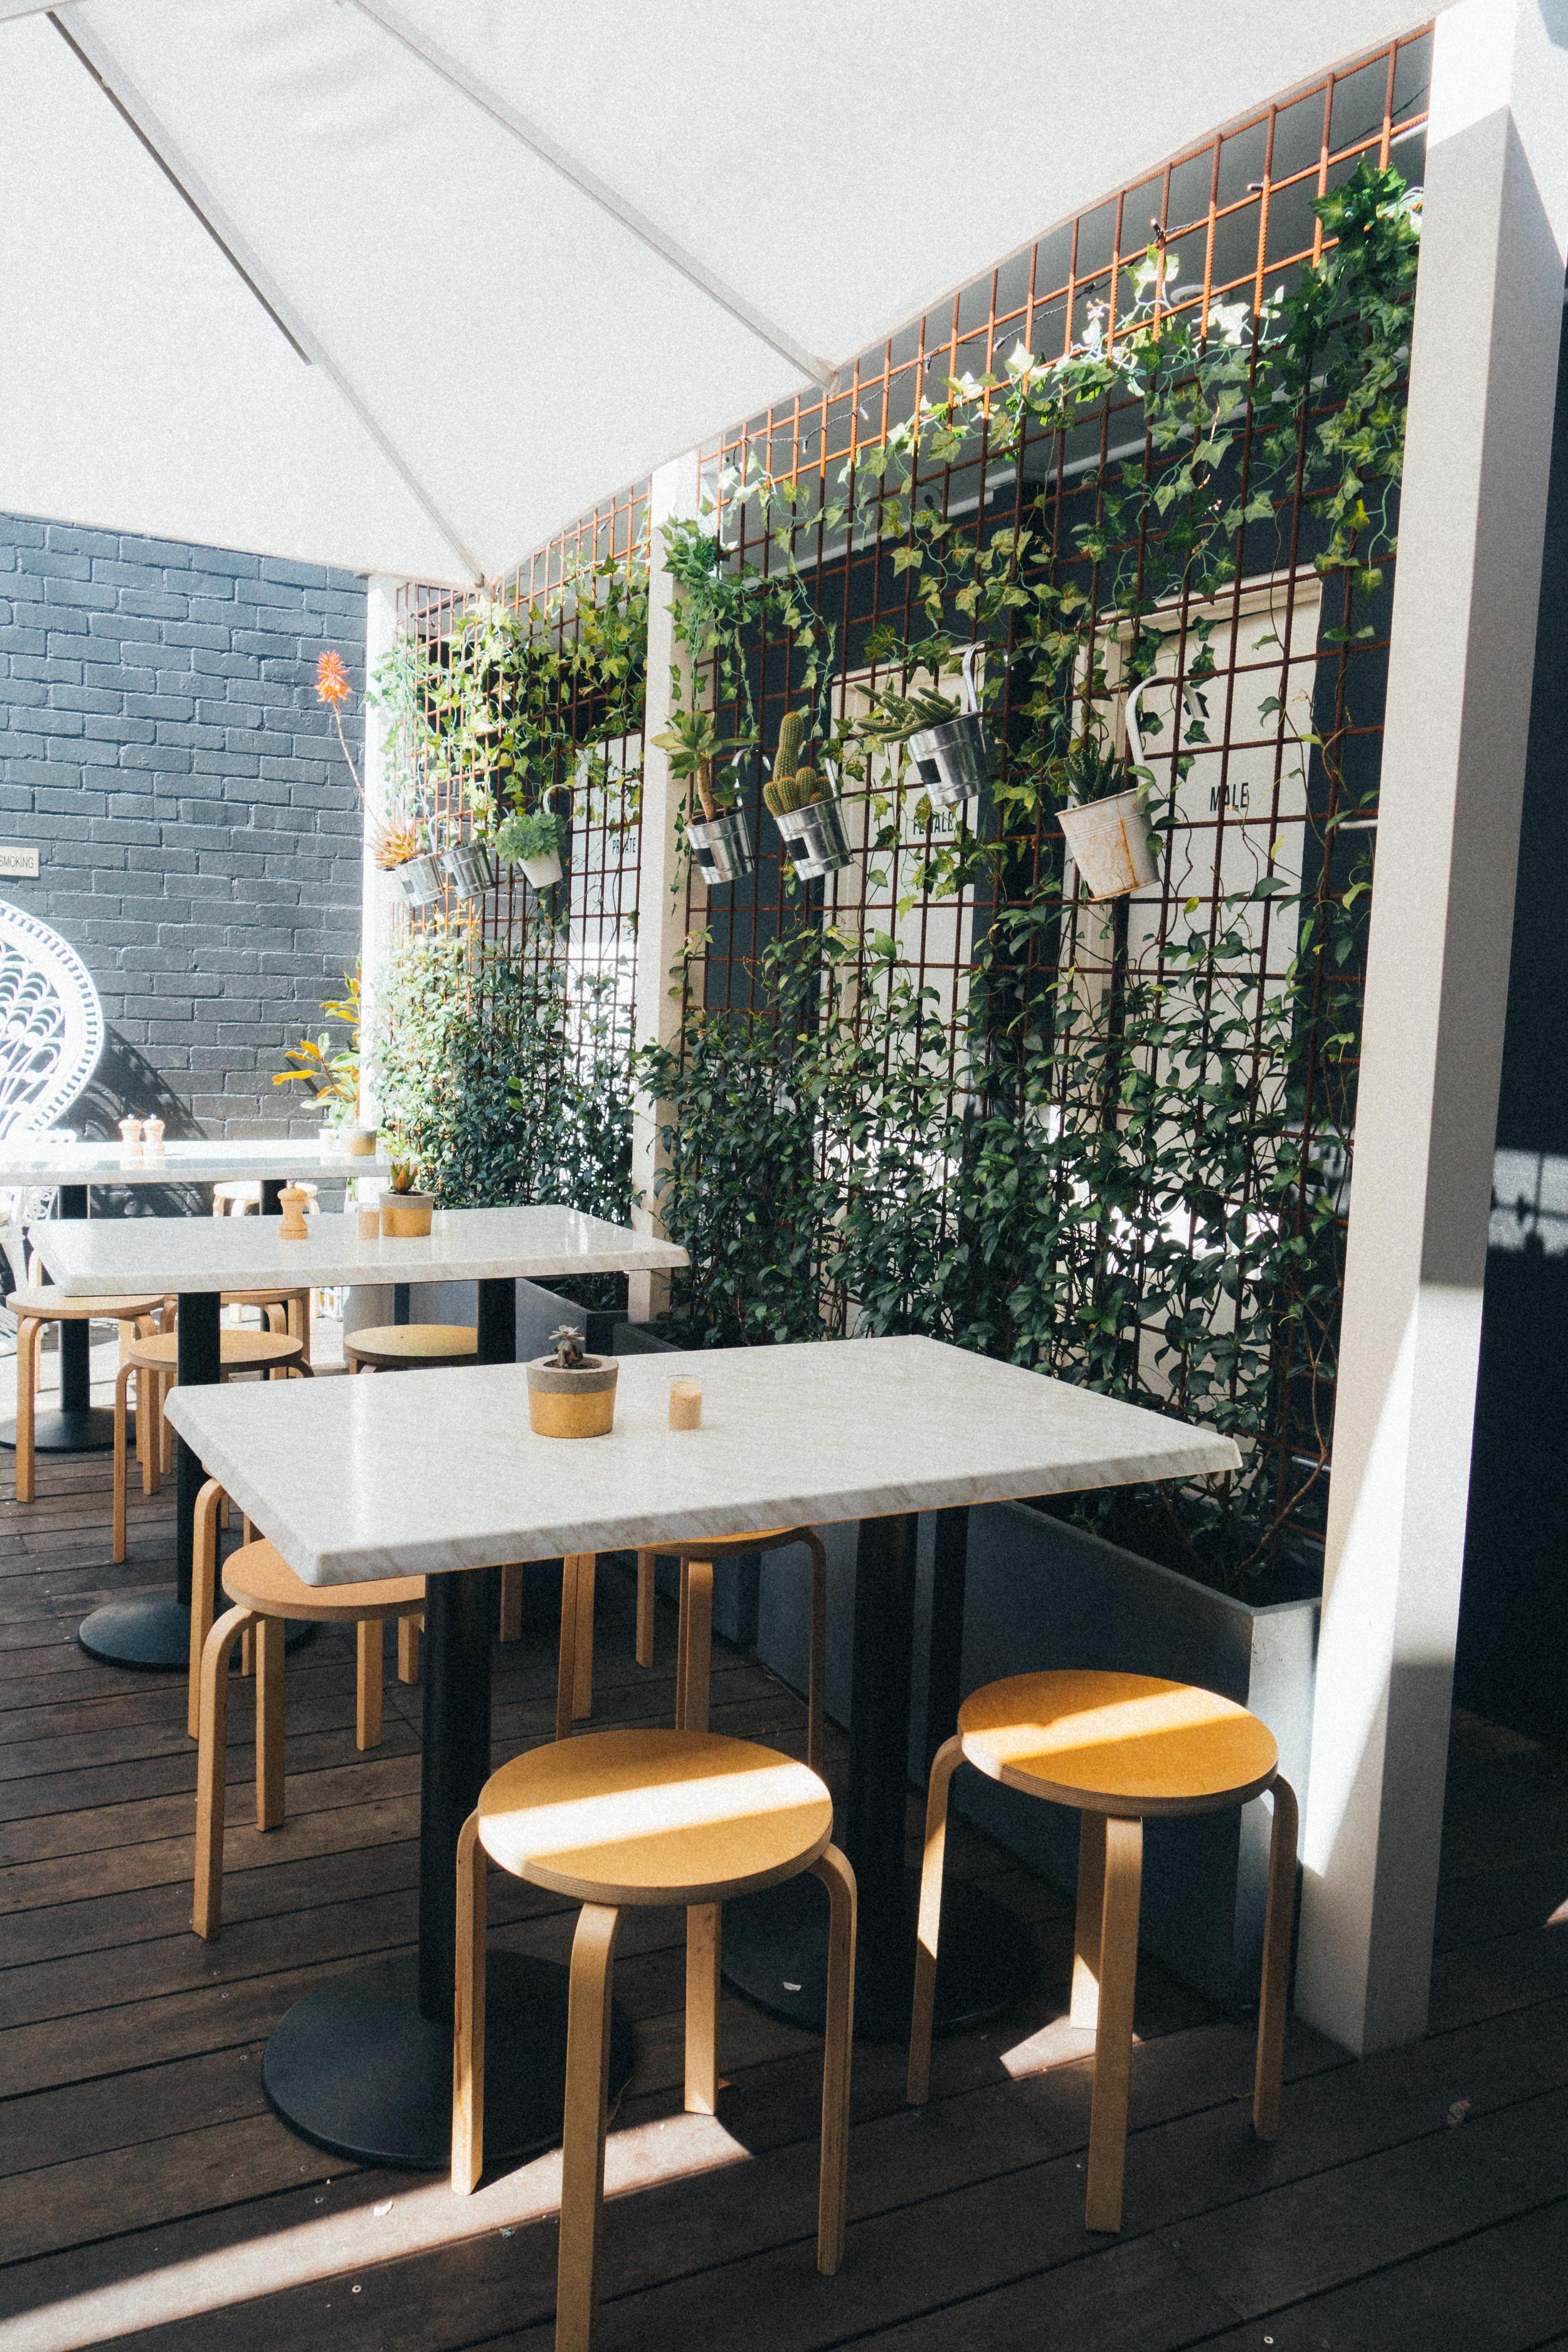 serotonin eatery outside seating